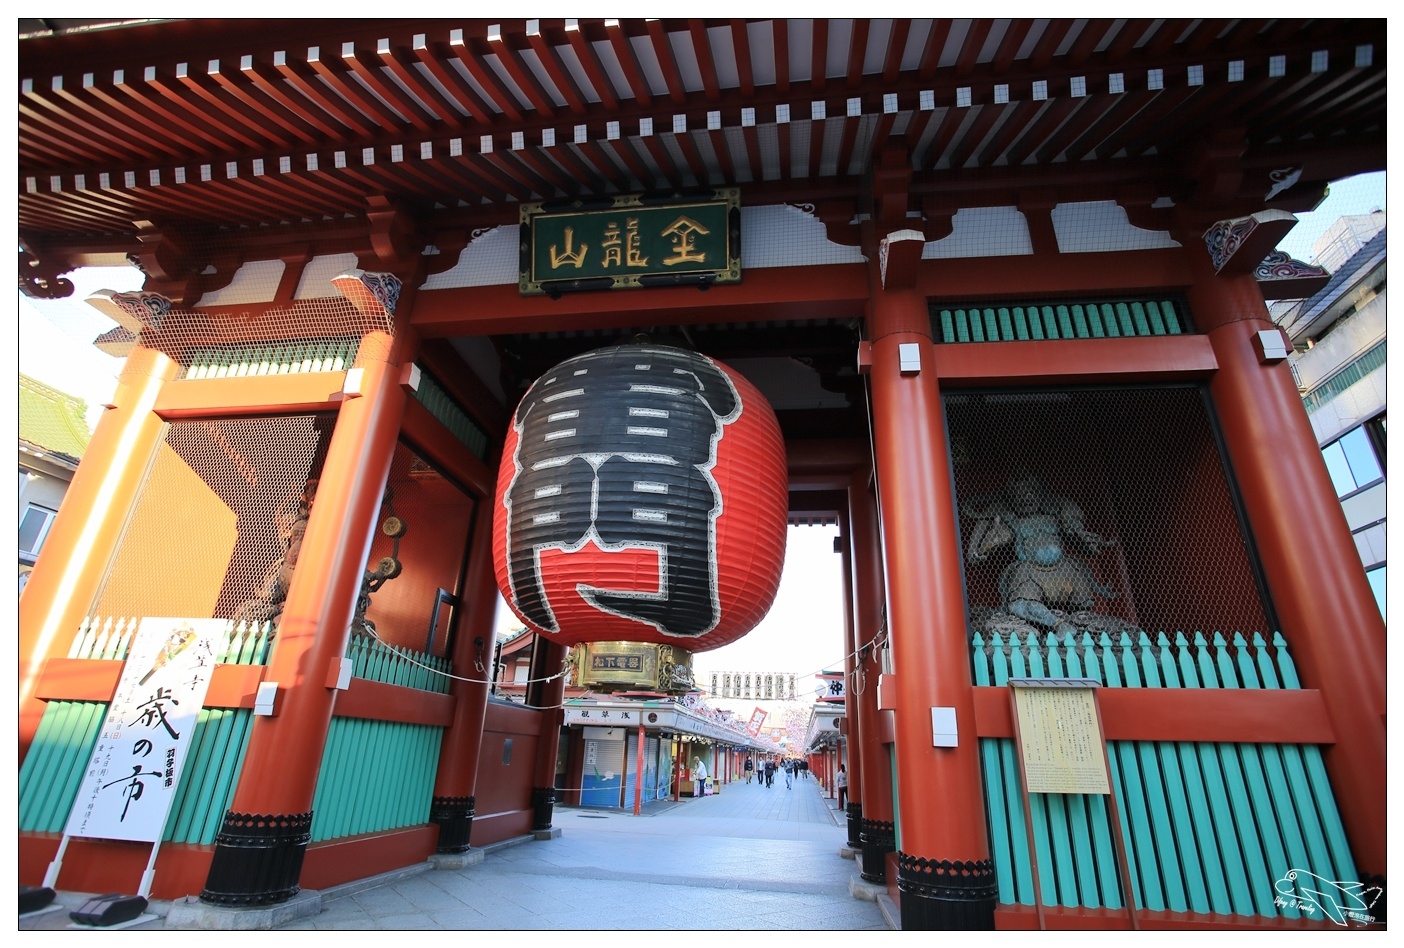 東京淺草住宿|環繞雷門飯店推薦 生活機能、交通指引、精華整理~一次給你10間初遊東京的淺草住宿參考